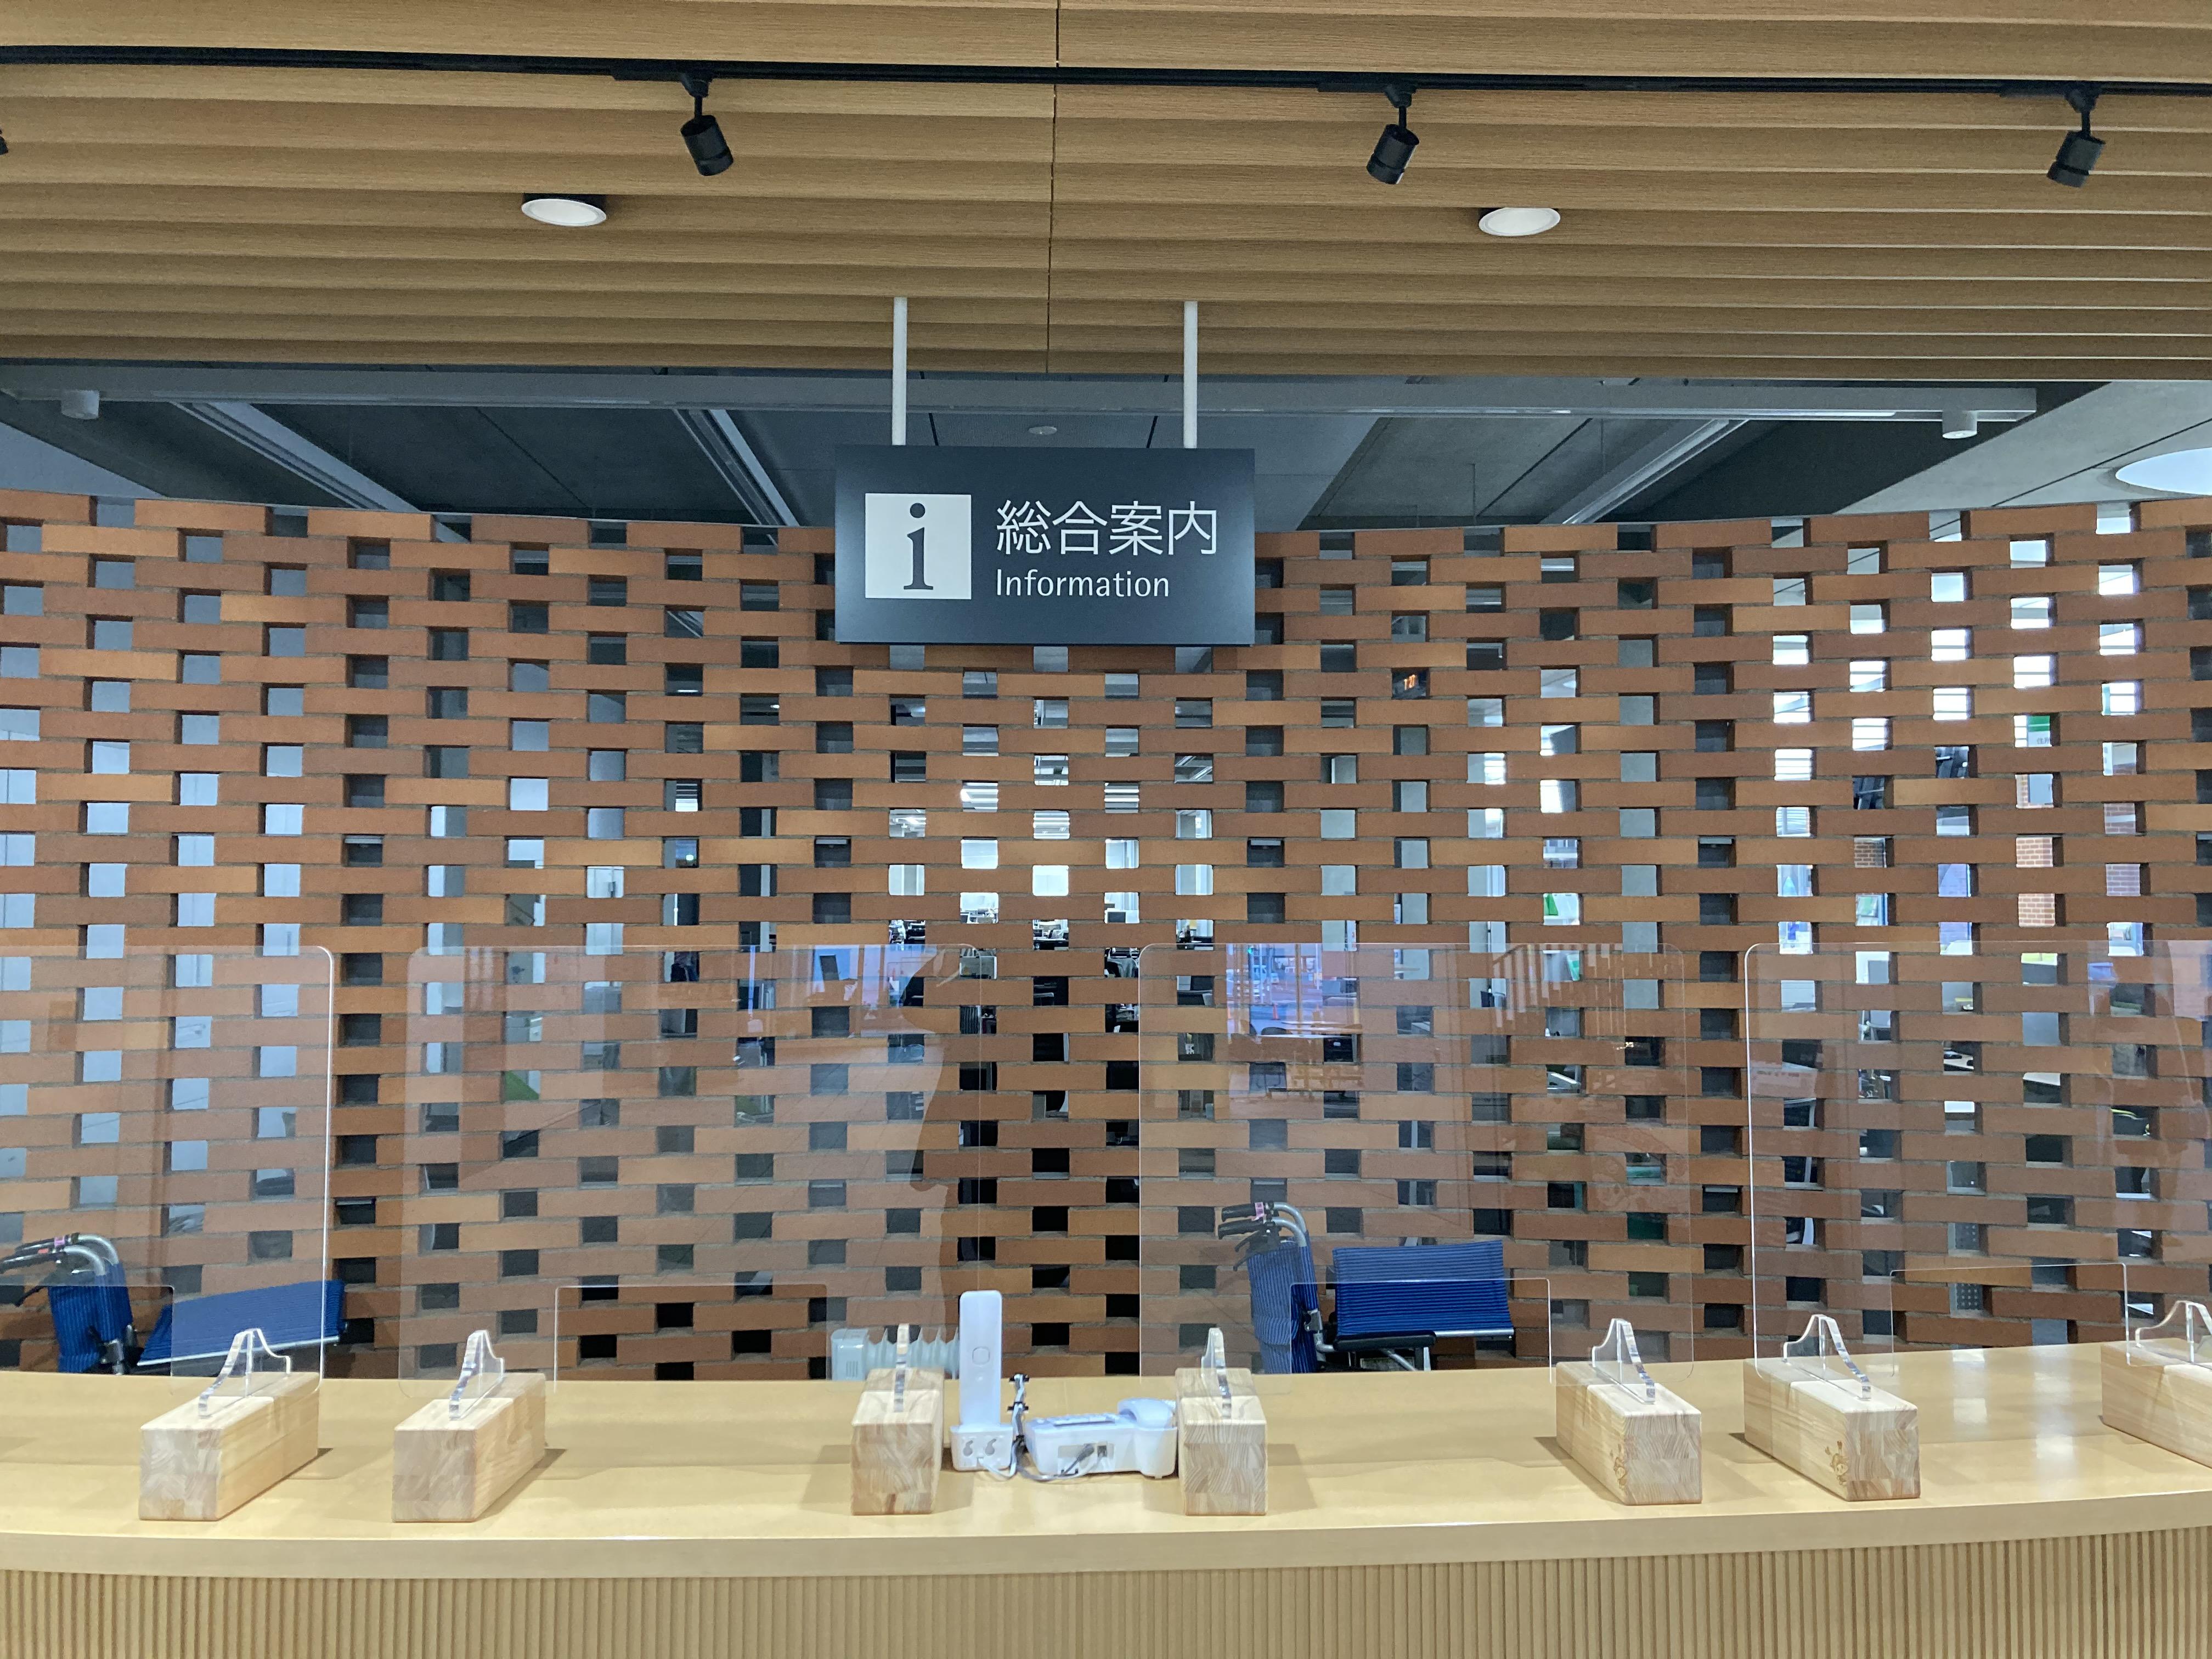 ユニバーサルデザインの深谷市役所新庁舎 総合案内